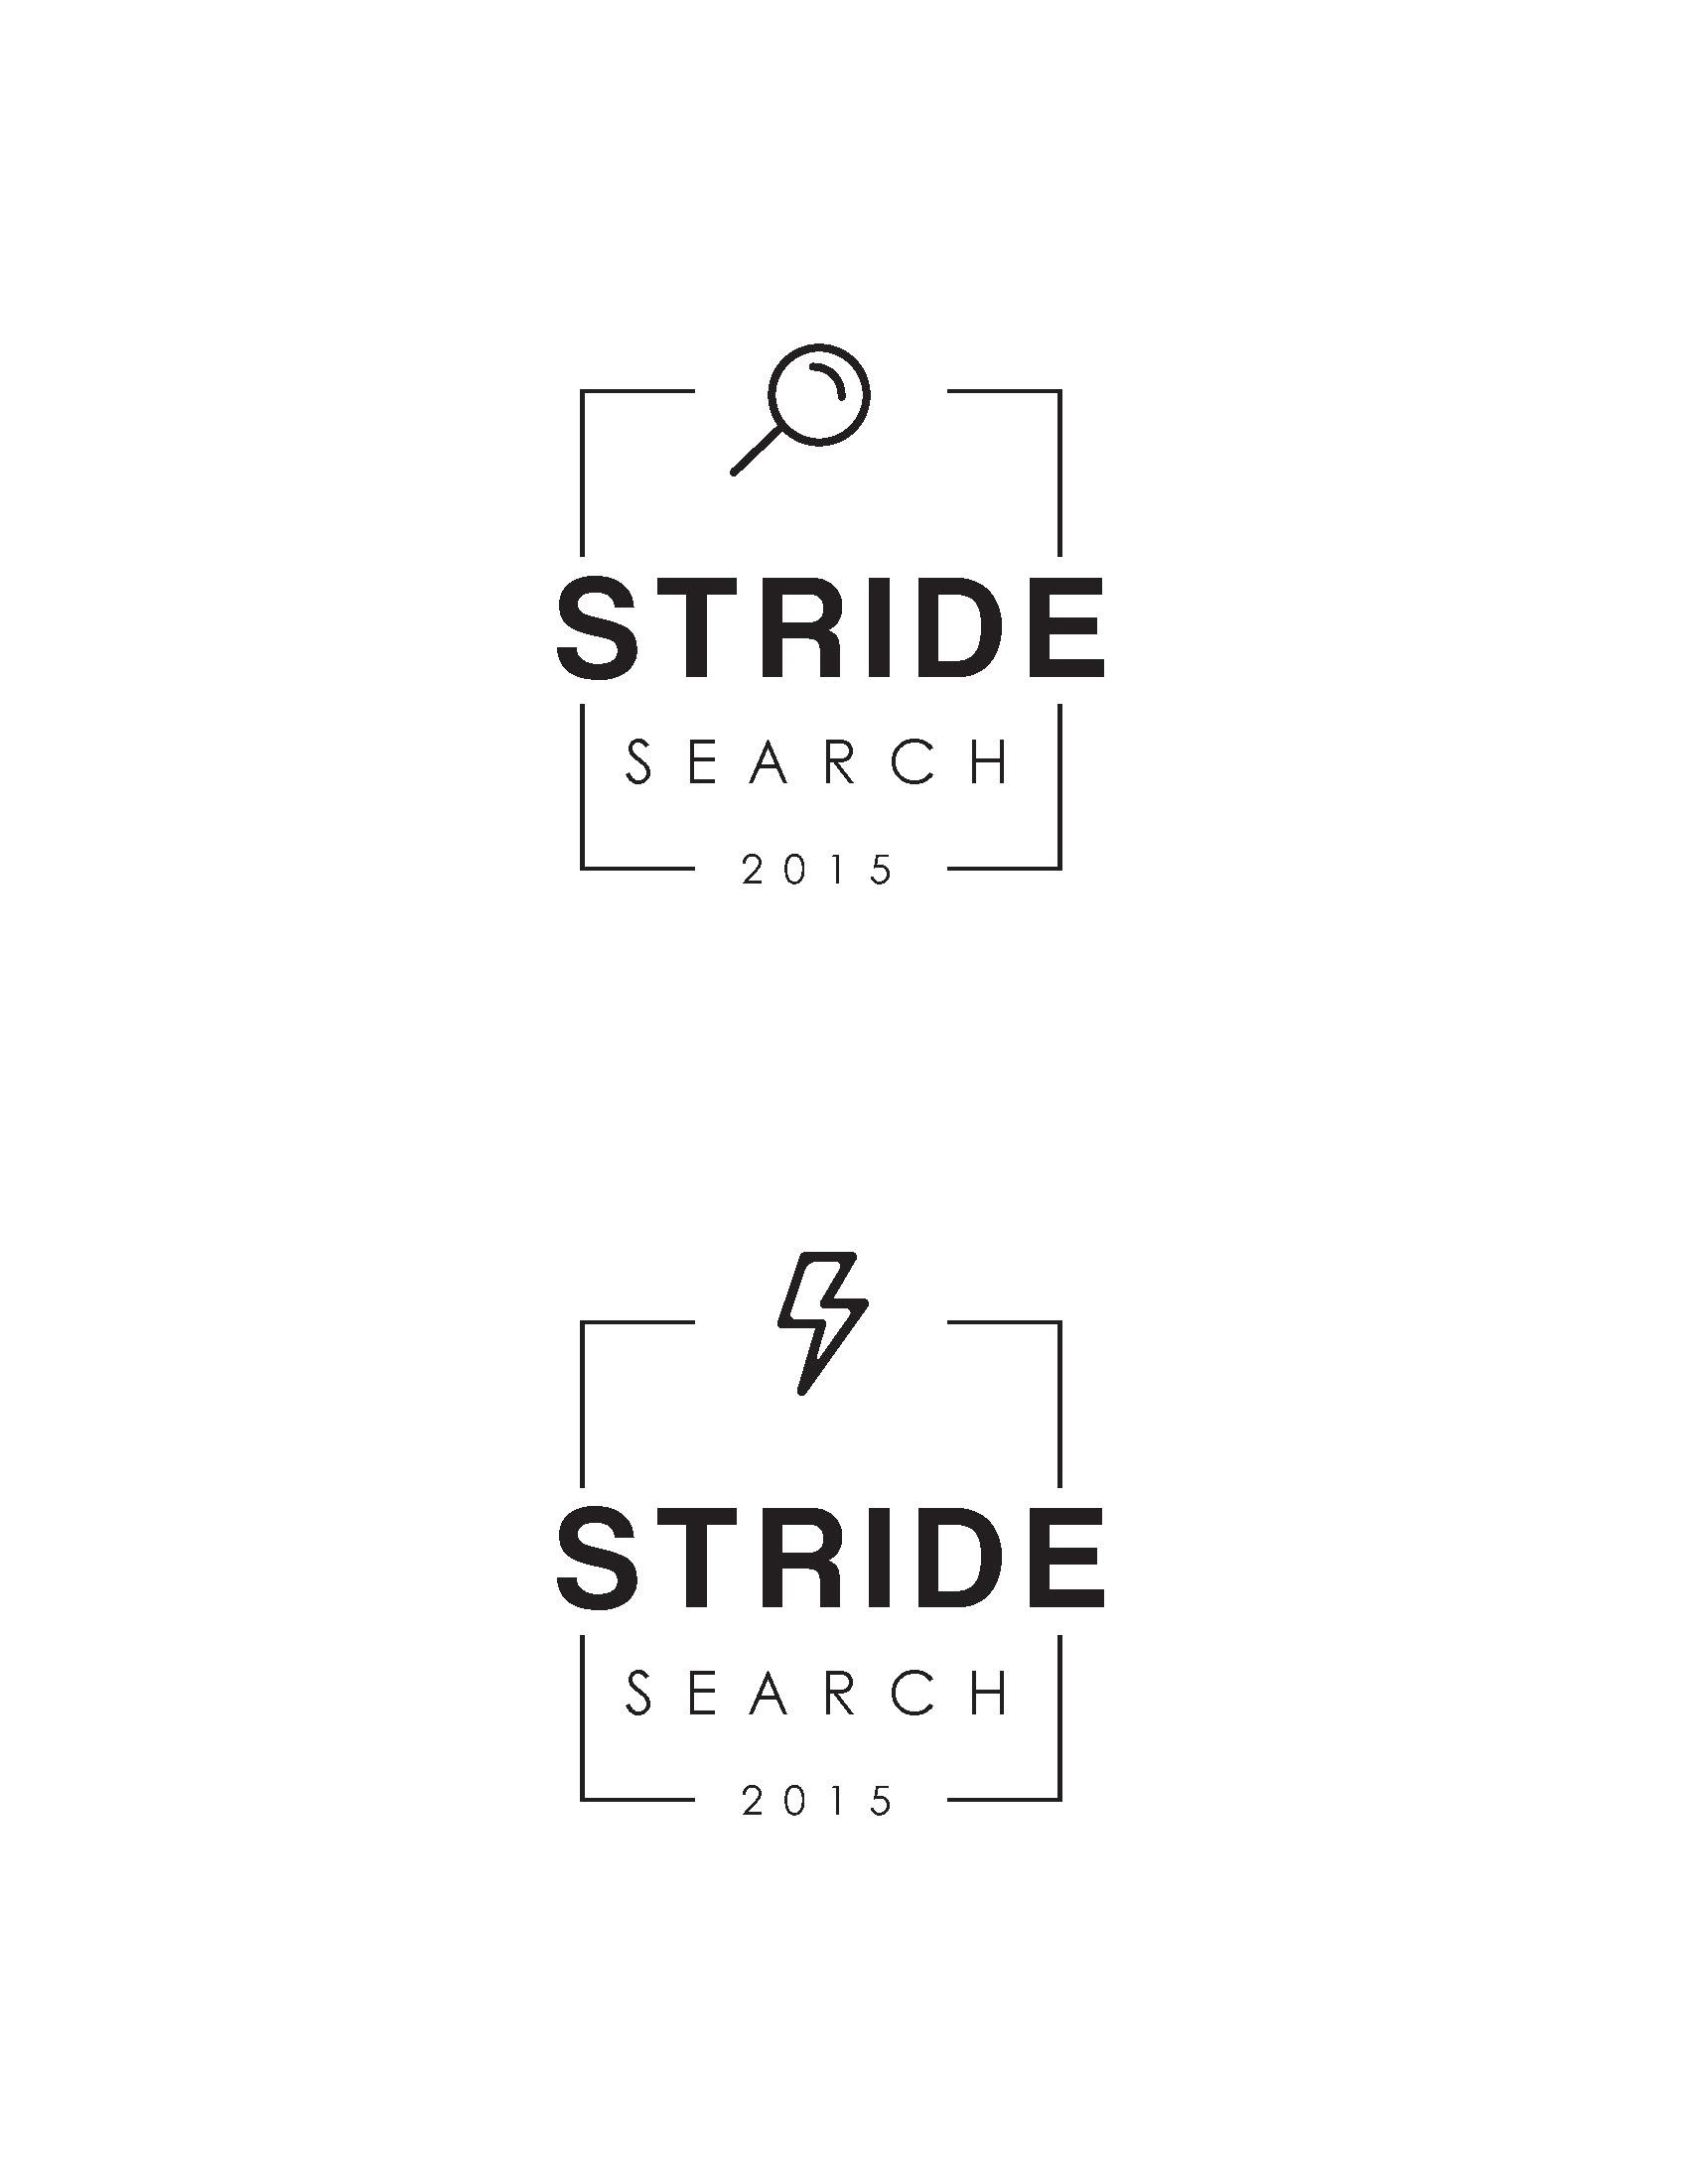 stride search concept 1 art